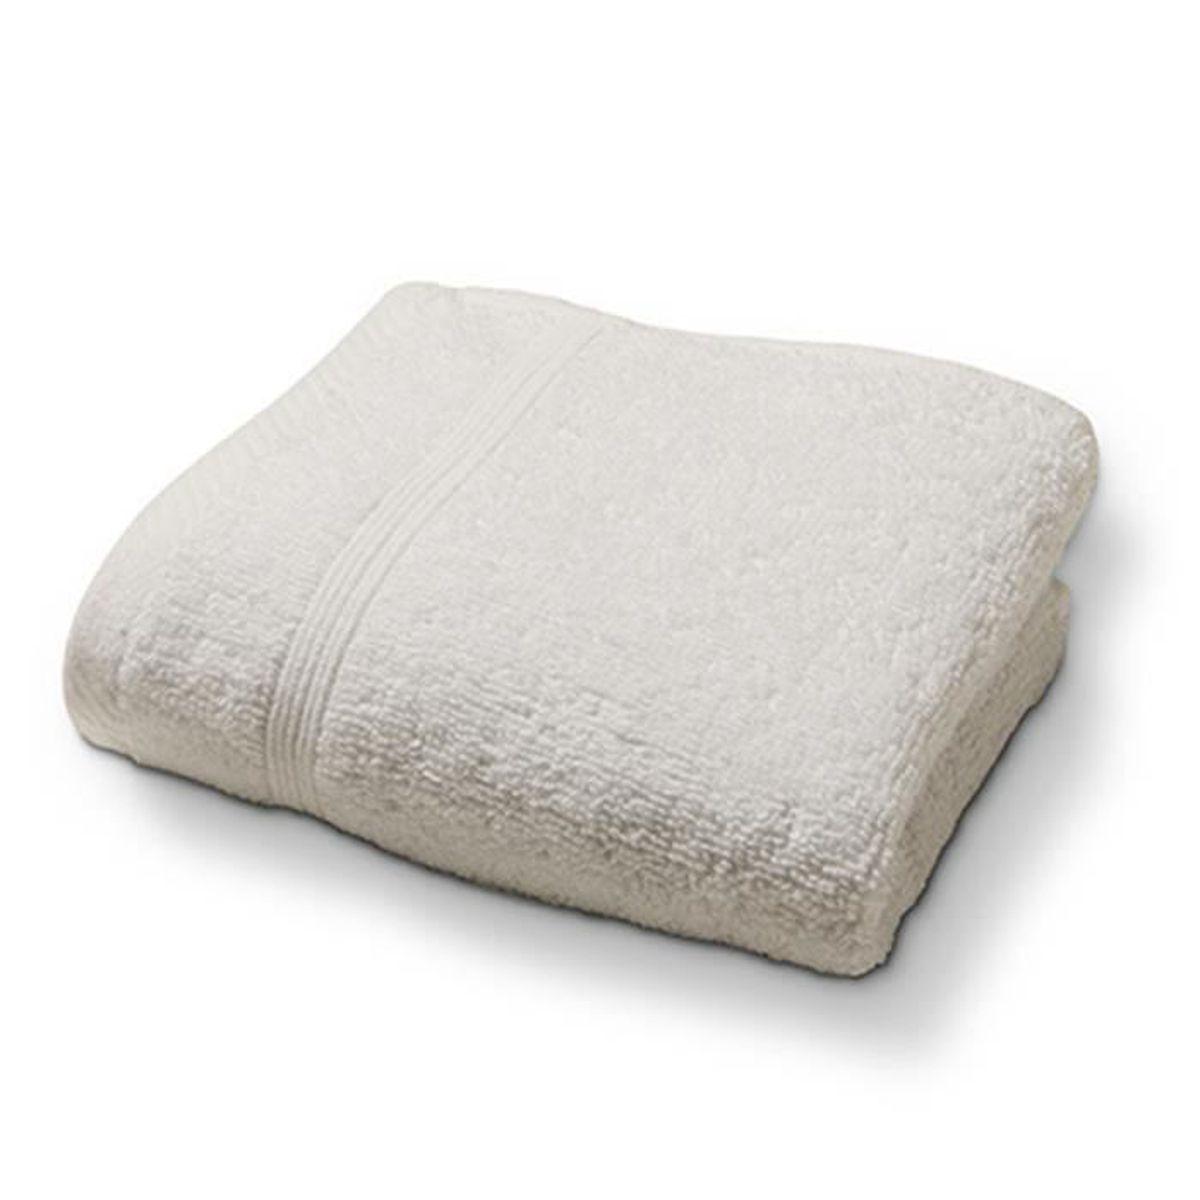 SERVIETTES DE BAIN TODAY Drap de douche 70x130 100% coton Ivoire